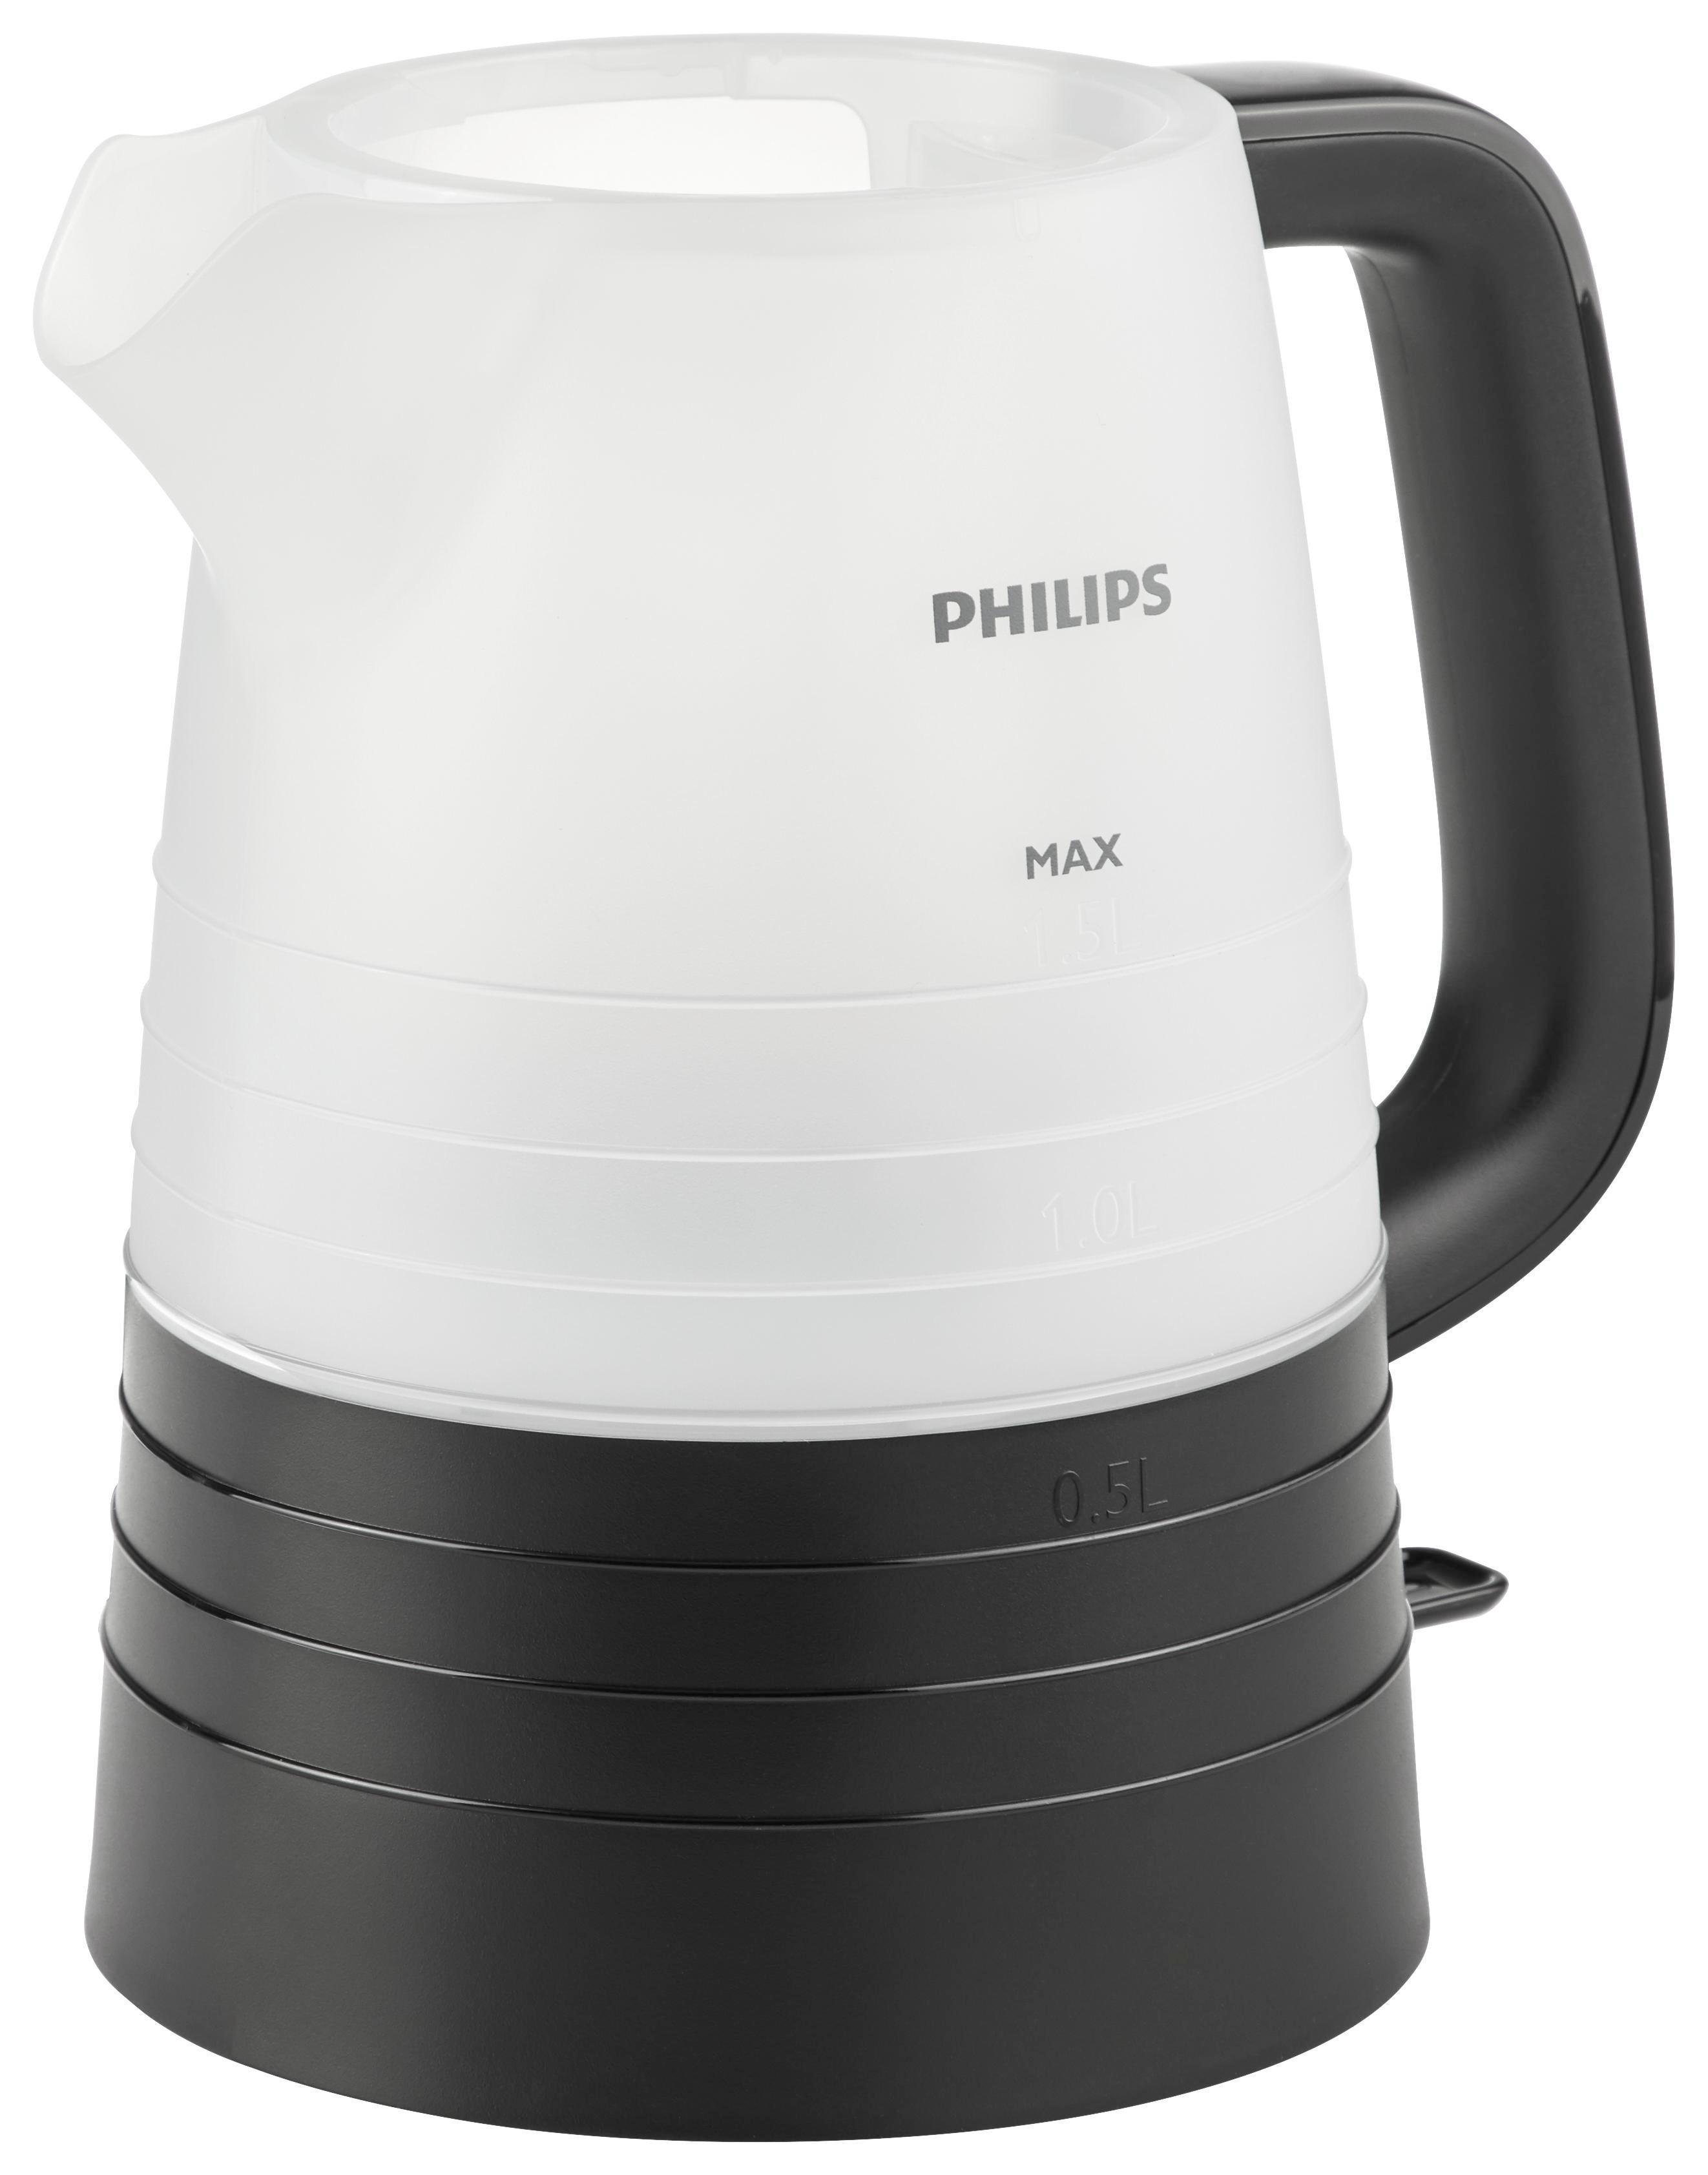 Wasserkocher Philips - Schwarz, MODERN, Kunststoff/Metall - PHILIPS